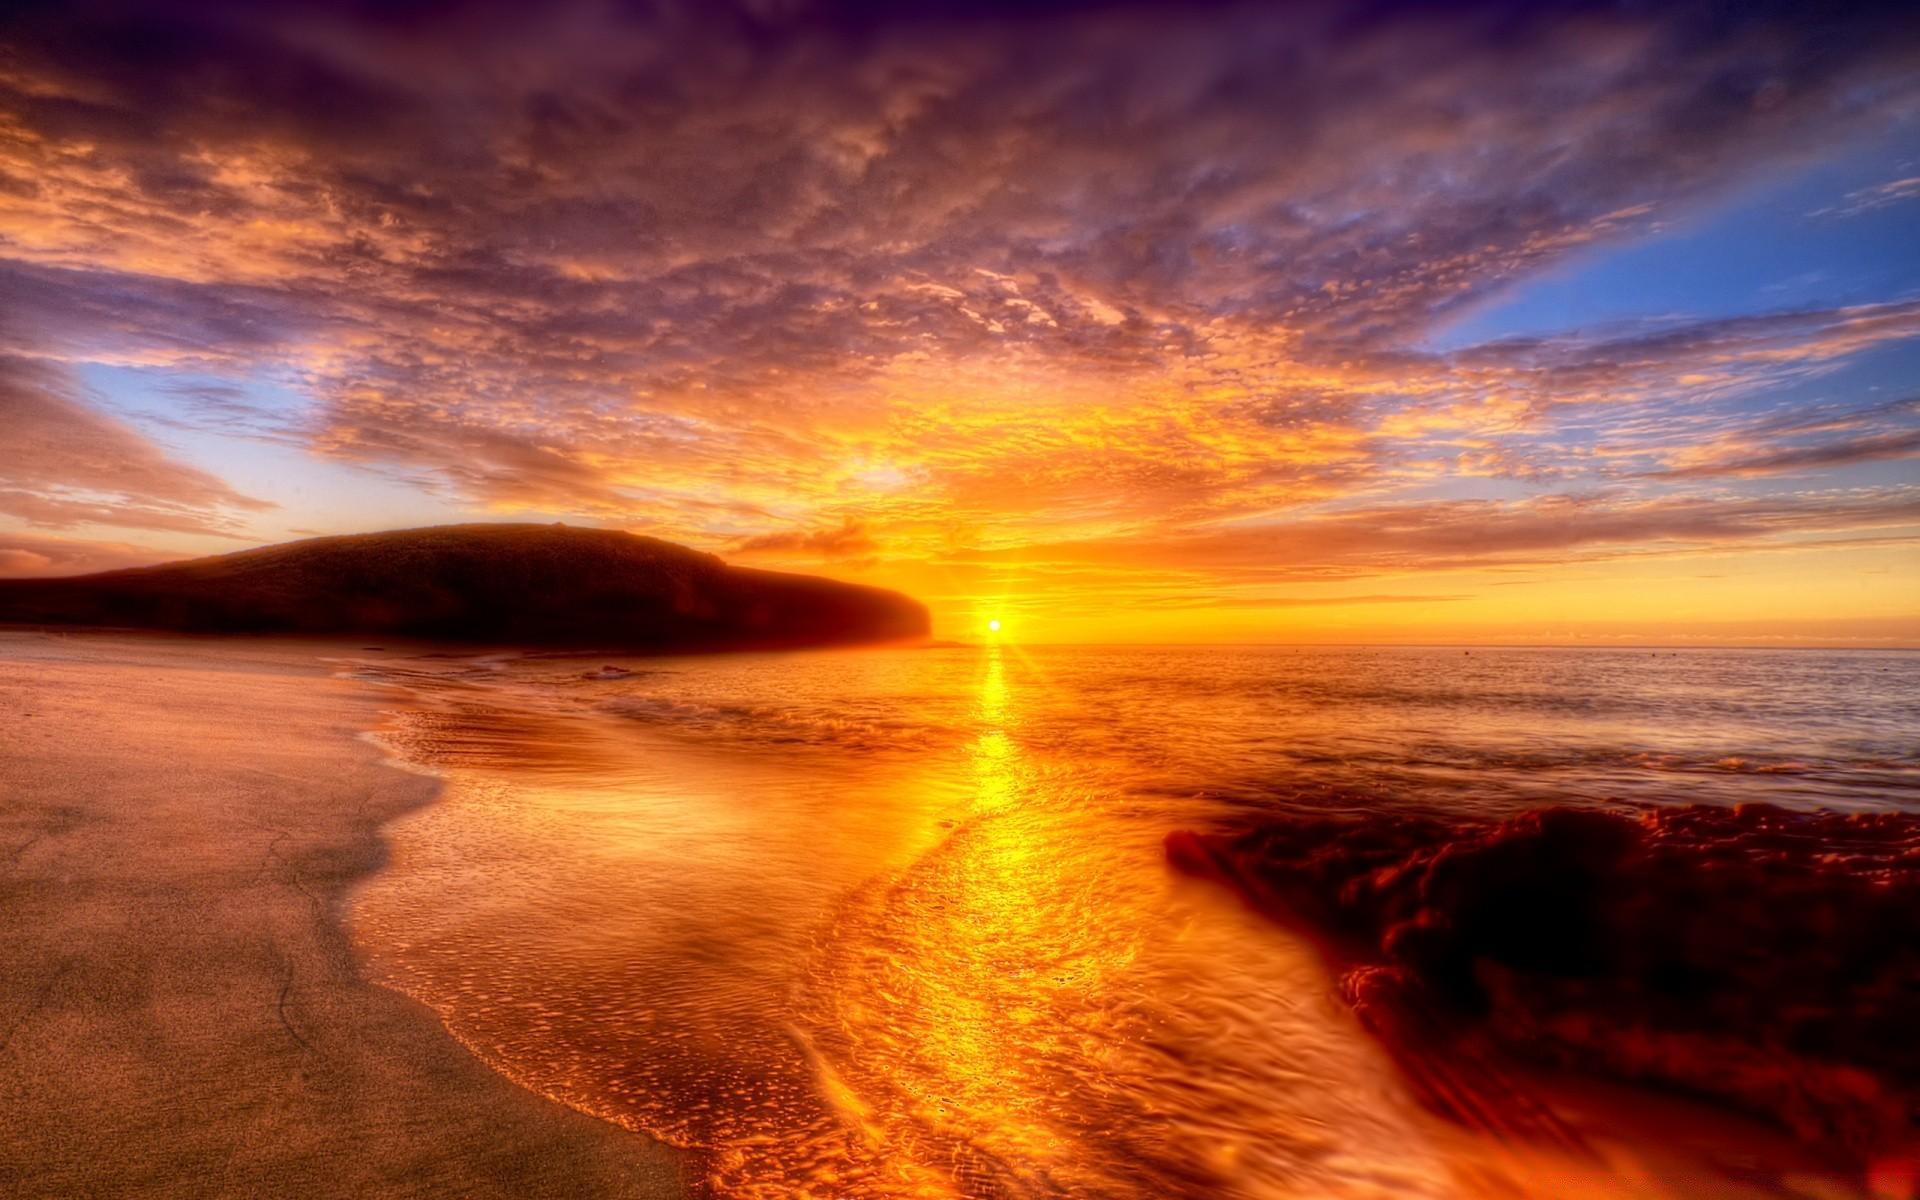 любом самые красивые картинки с закатом солнца боевой модуль